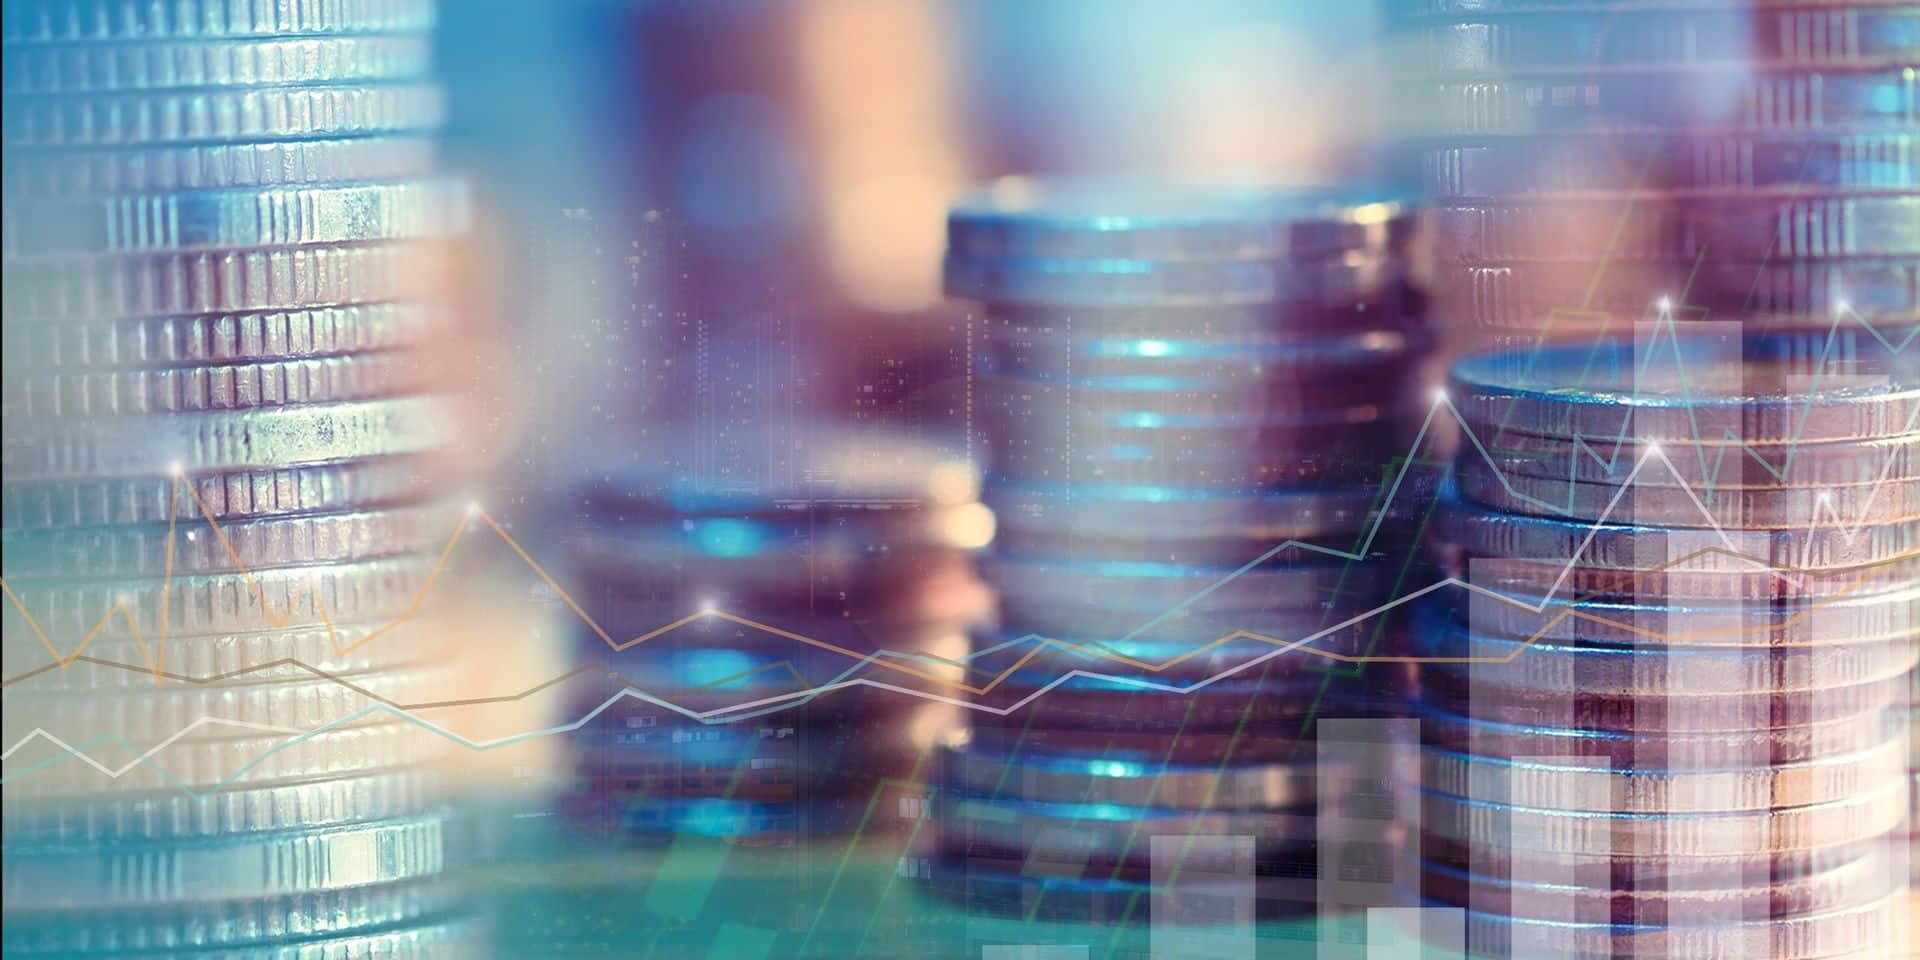 Les Bourses asiatiques entre inquiétudes sanitaires et optimisme à long terme